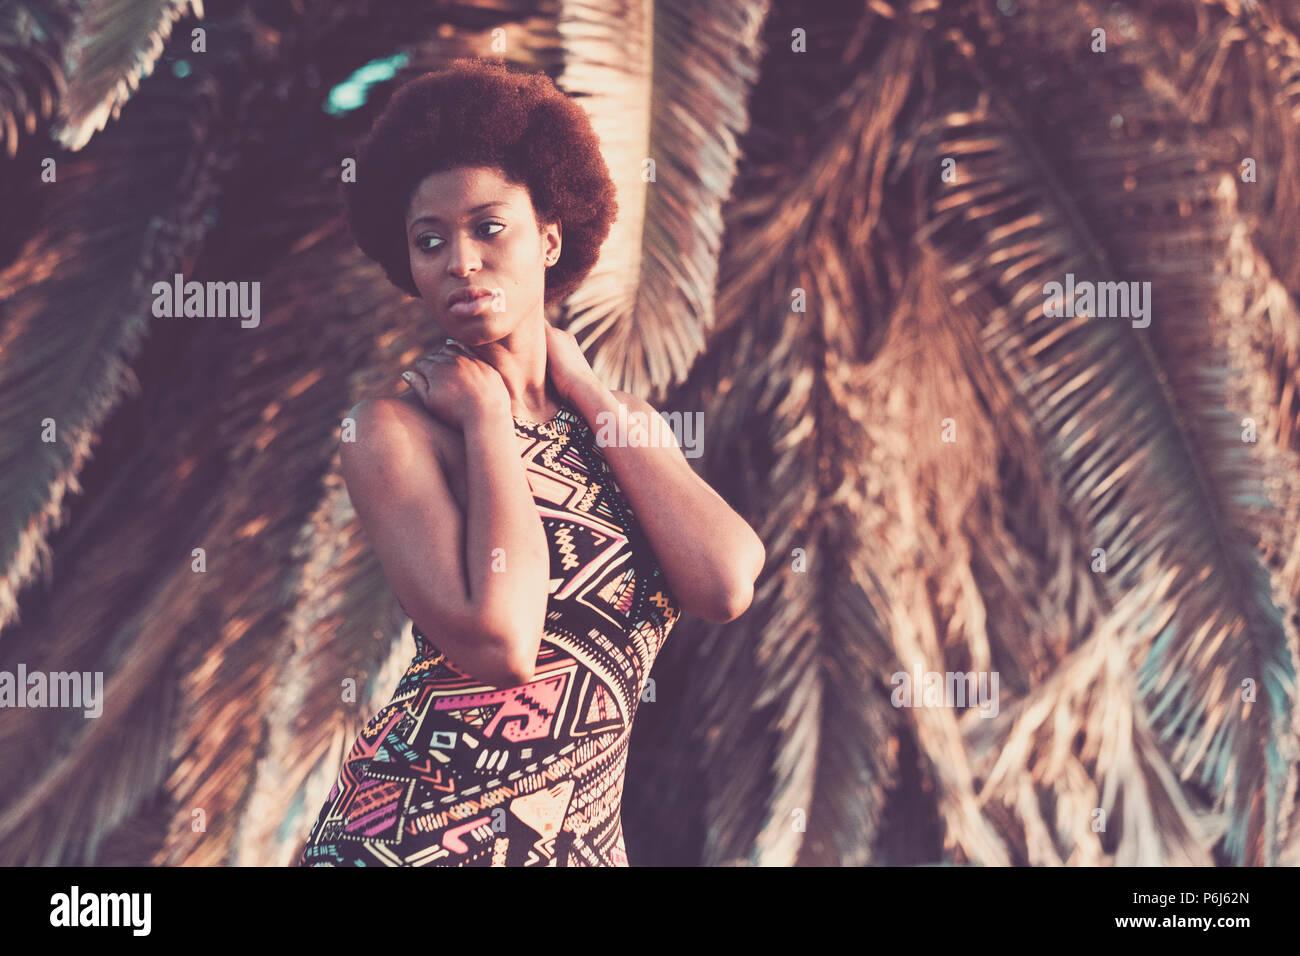 Schöne afrikanische schwarze Haut race Modell darstellen, in der Mode Stil mit farbigen Kleid mit einem tropischen Palmen natürlichen Hintergrund. Im Sommer Schönheit in Va Stockbild